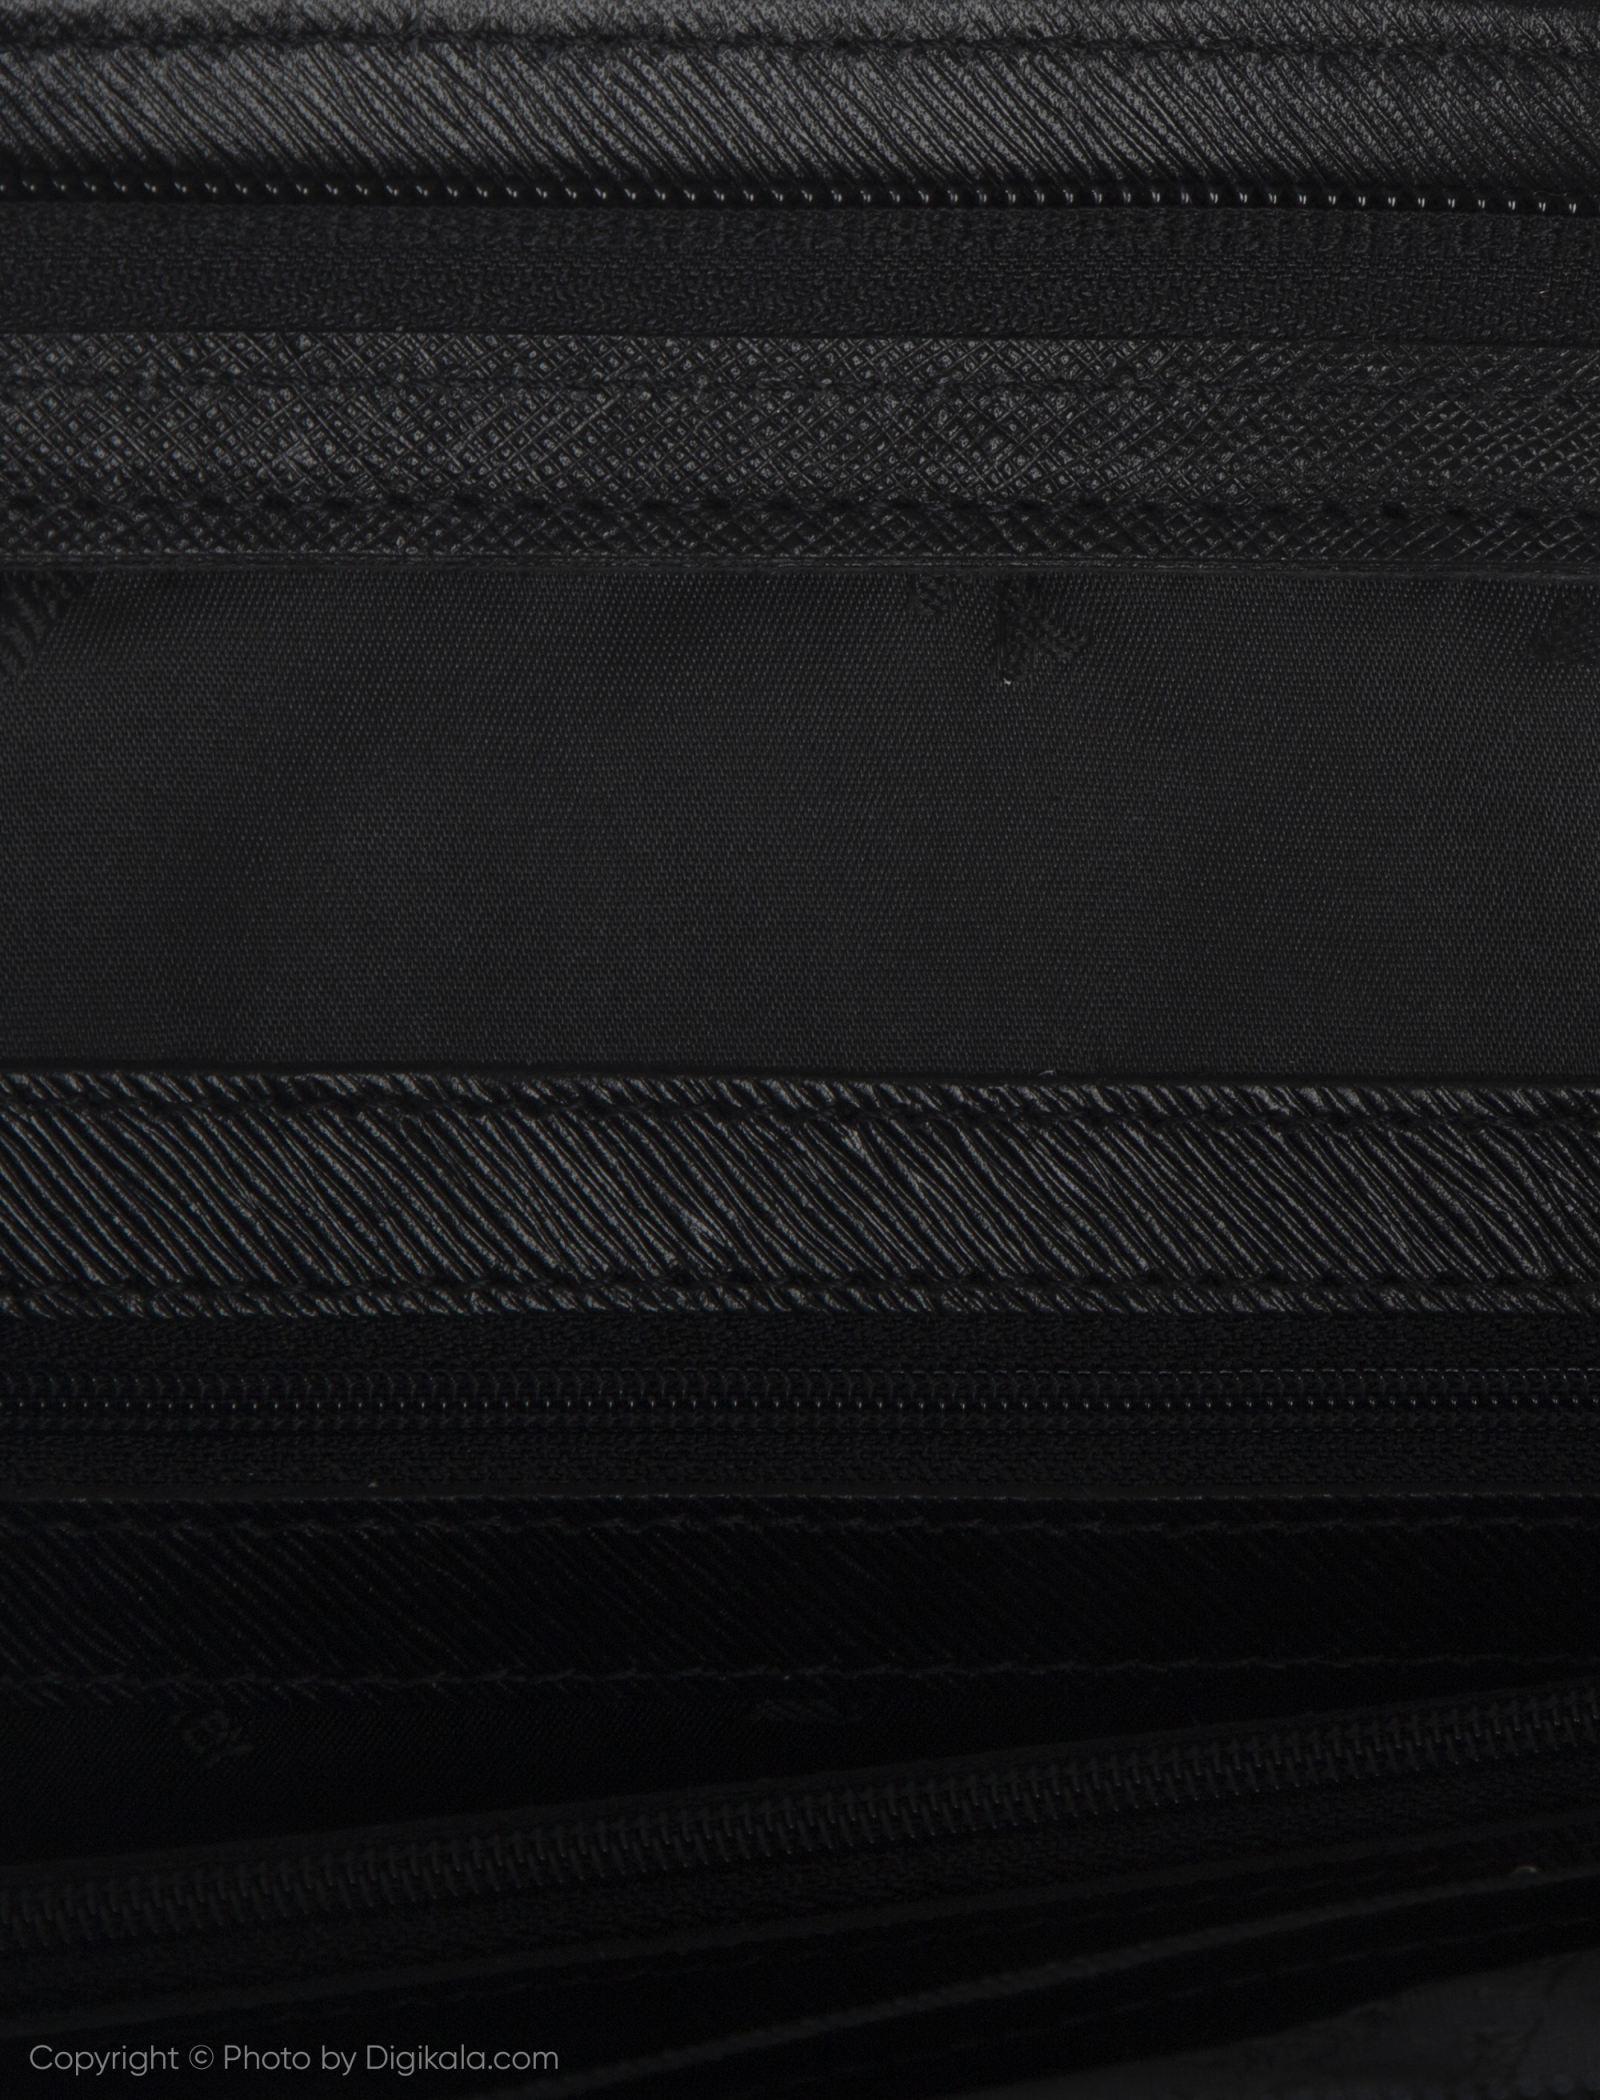 کیف دستی زنانه چرم مشهد مدل S0716-001 -  - 9